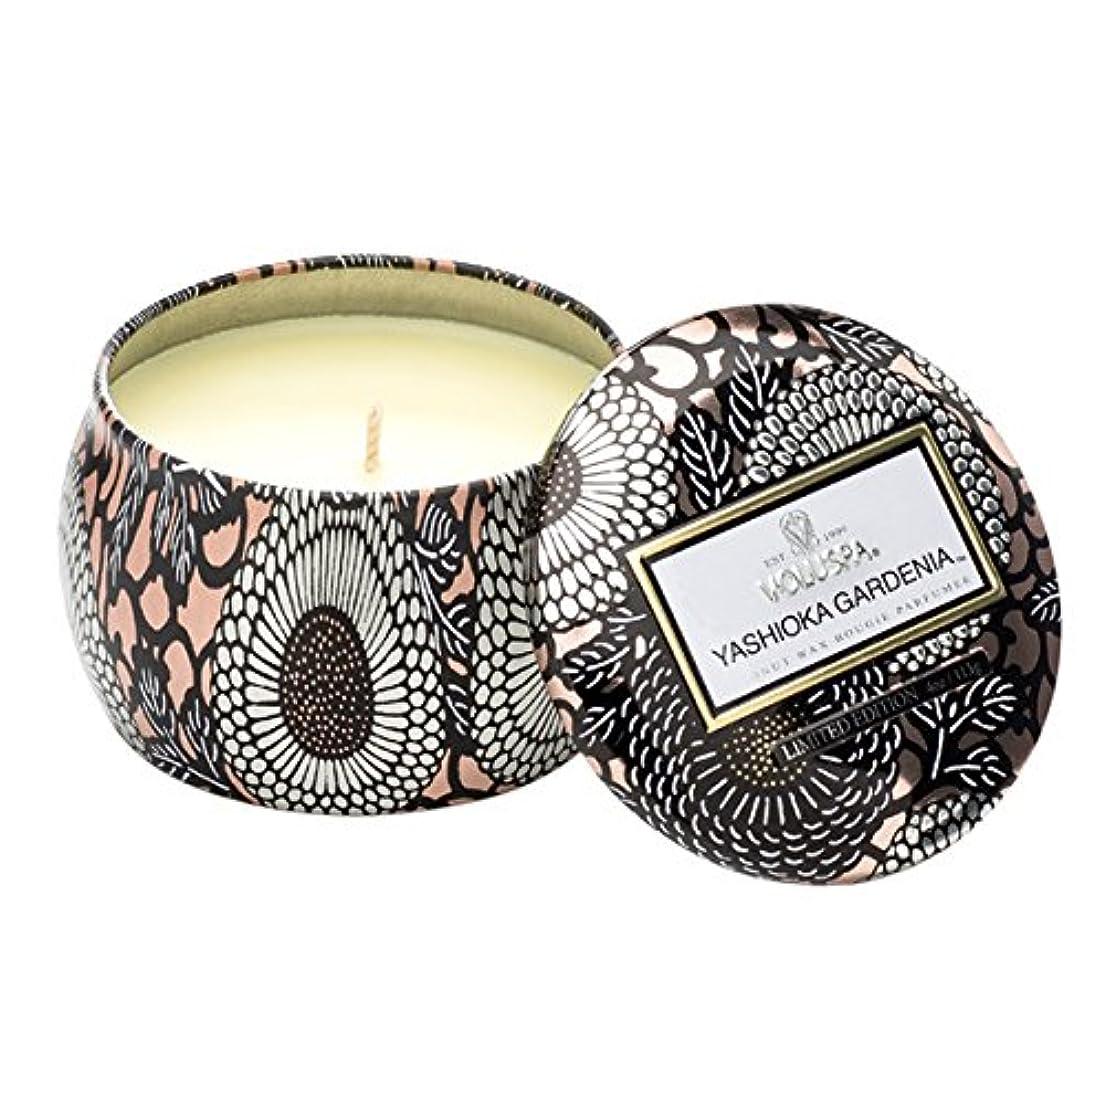 不平を言う納得させる姪Voluspa ボルスパ ジャポニカ リミテッド ティンキャンドル  S ヤシオカガーデニア YASHIOKA GARDENIA JAPONICA Limited PETITE Tin Glass Candle